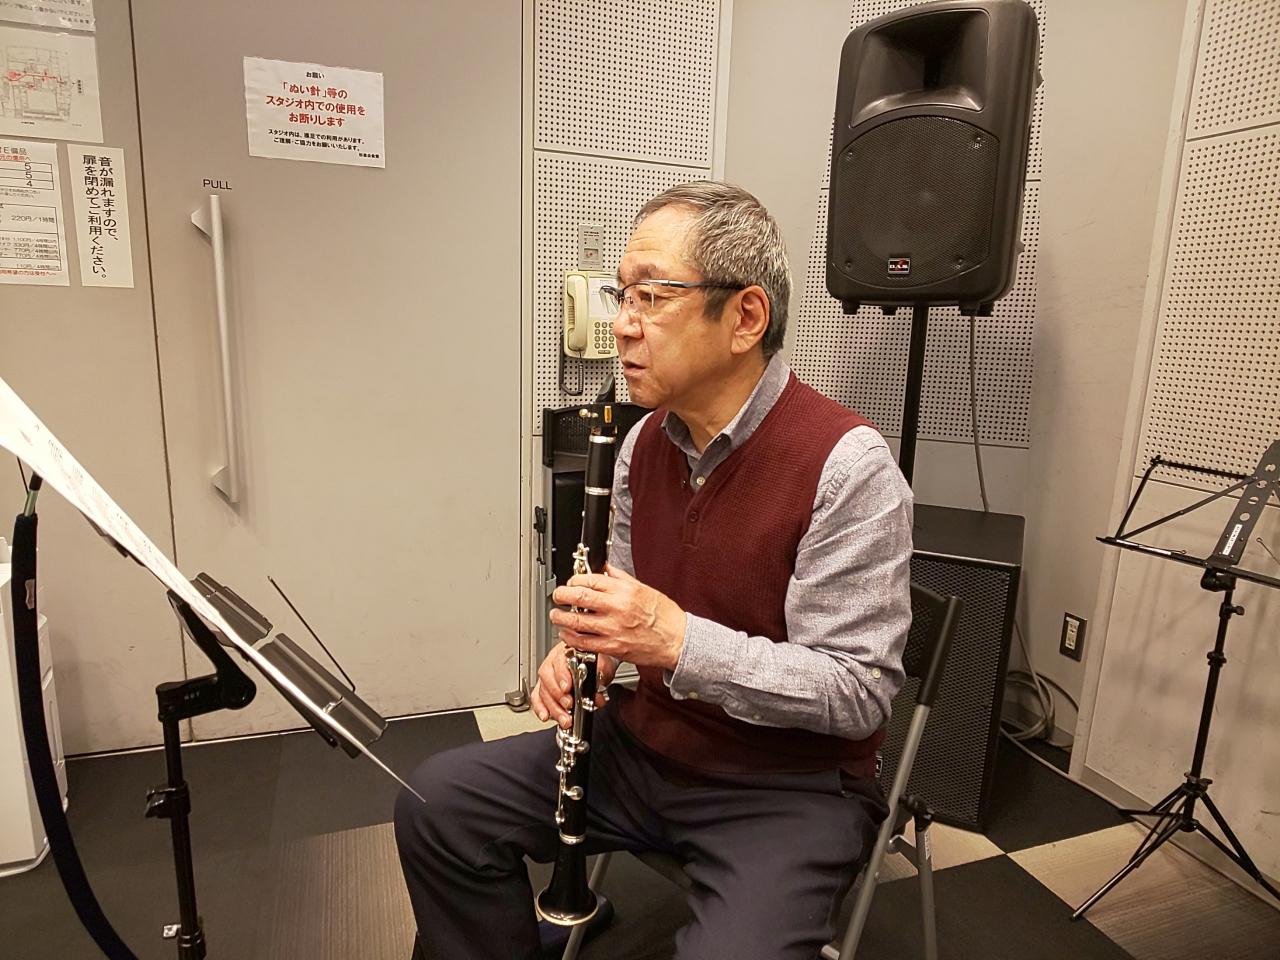 楽譜を見て演奏方法を考える生徒